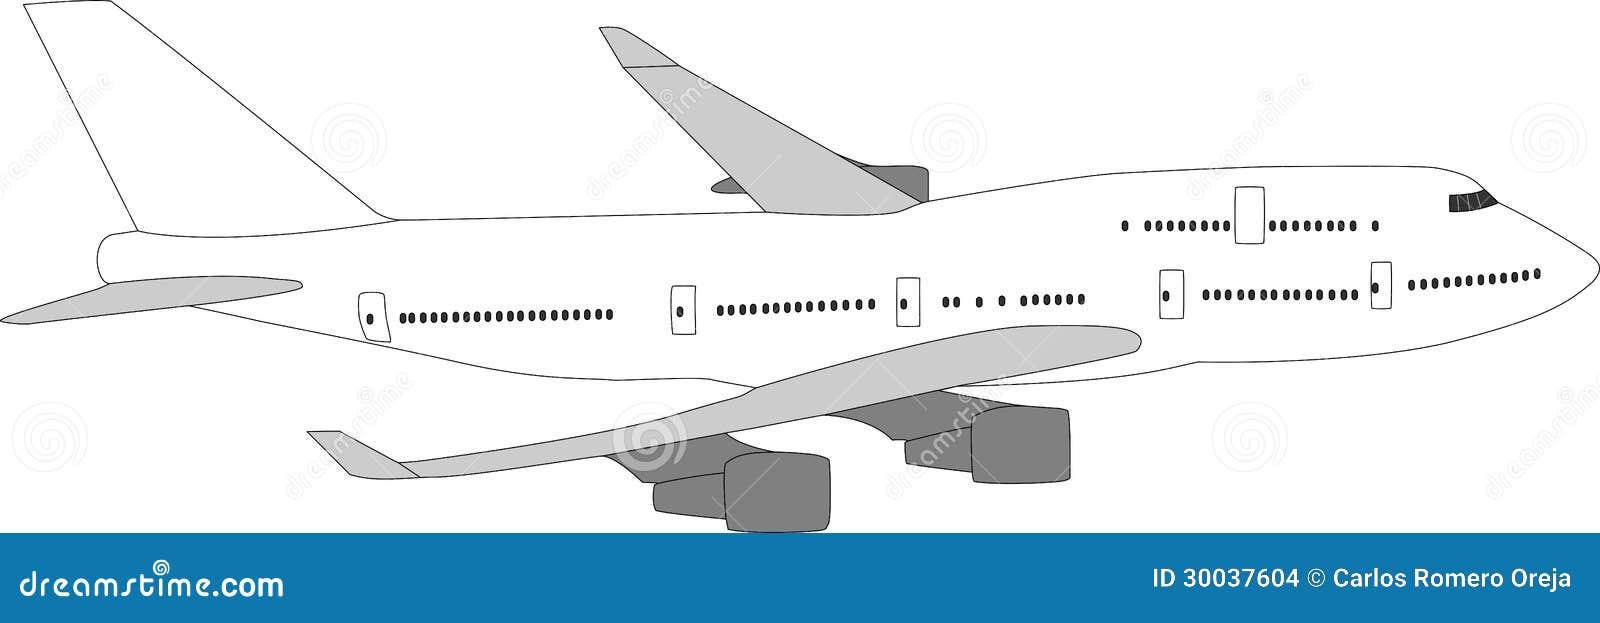 Aviones De Pasajero Grandes Ilustración del Vector - Ilustración de ...